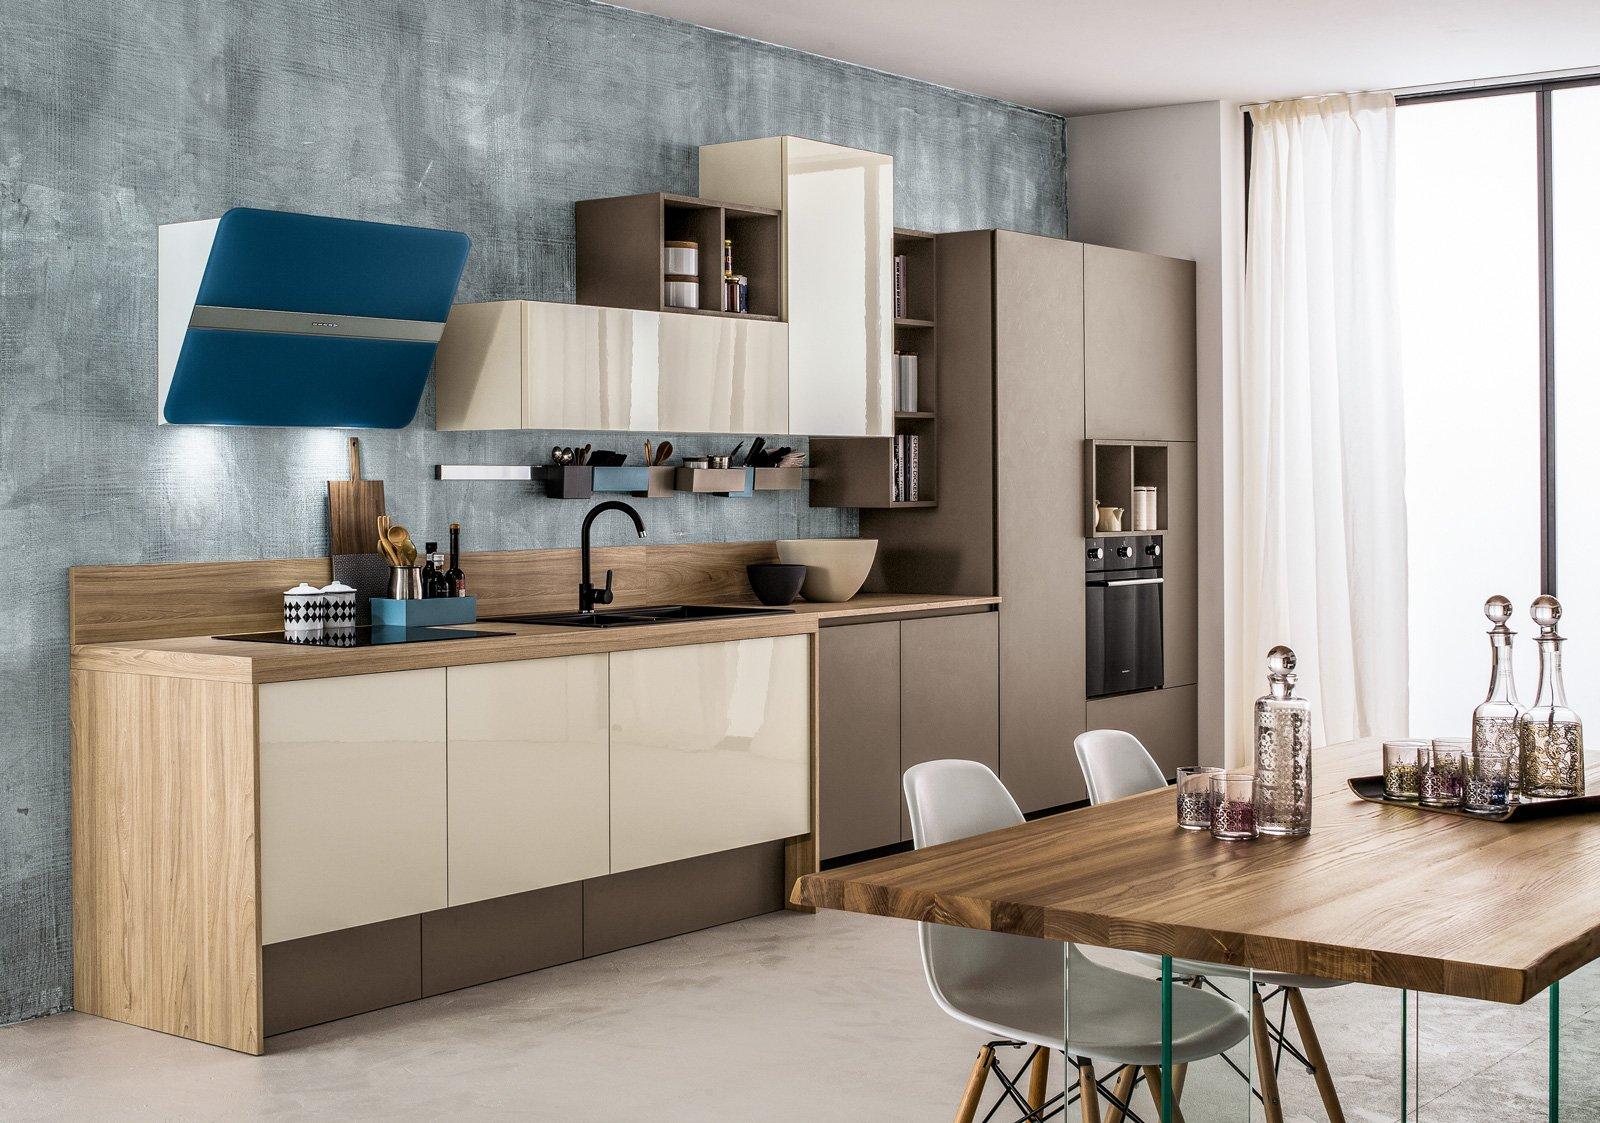 Cucine in colori ed essenze soft cose di casa - Verniciare cucina in legno ...